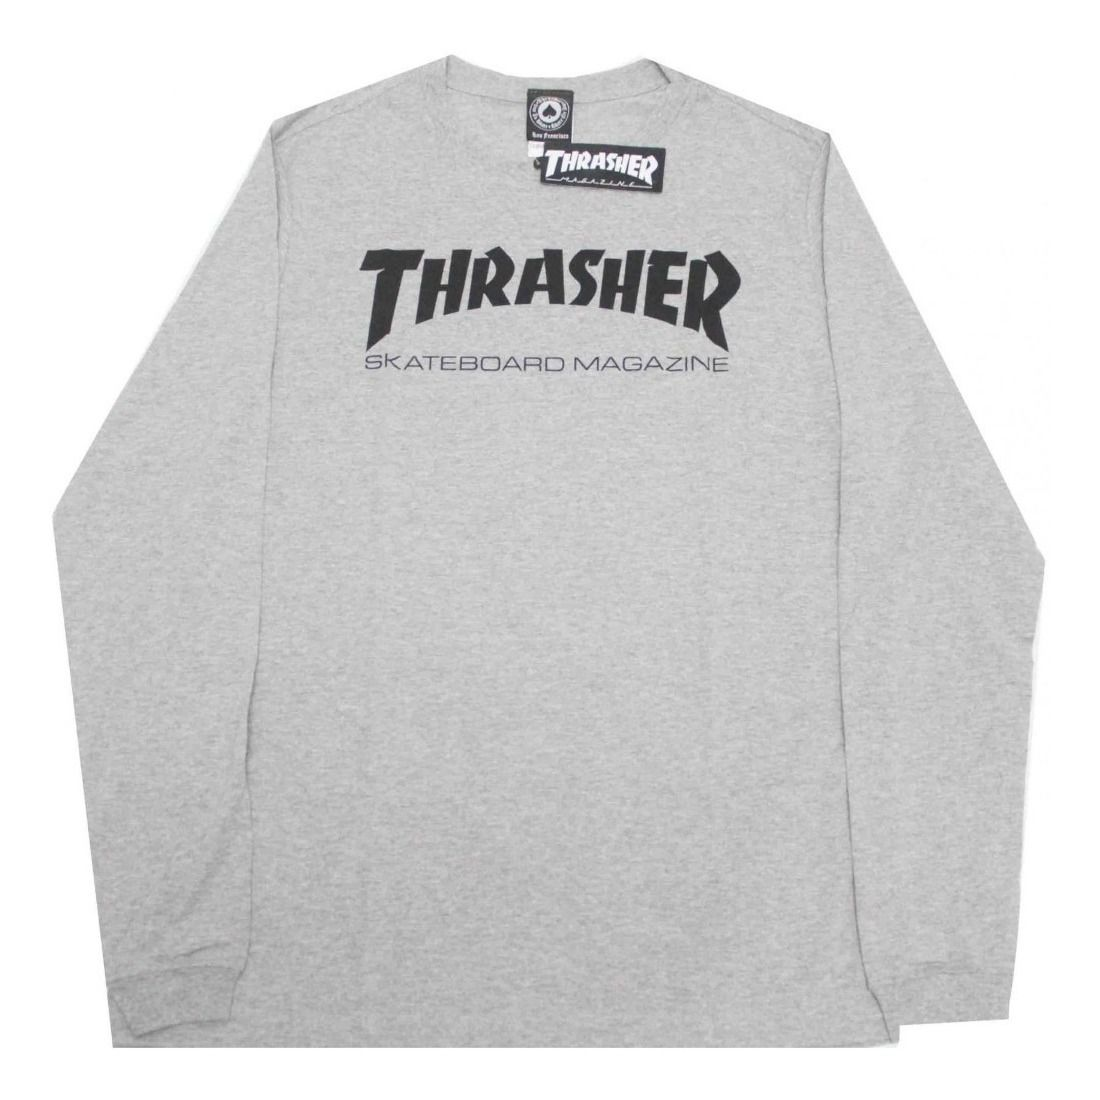 Camiseta Thrasher Skatemag Manga Longa Cinza